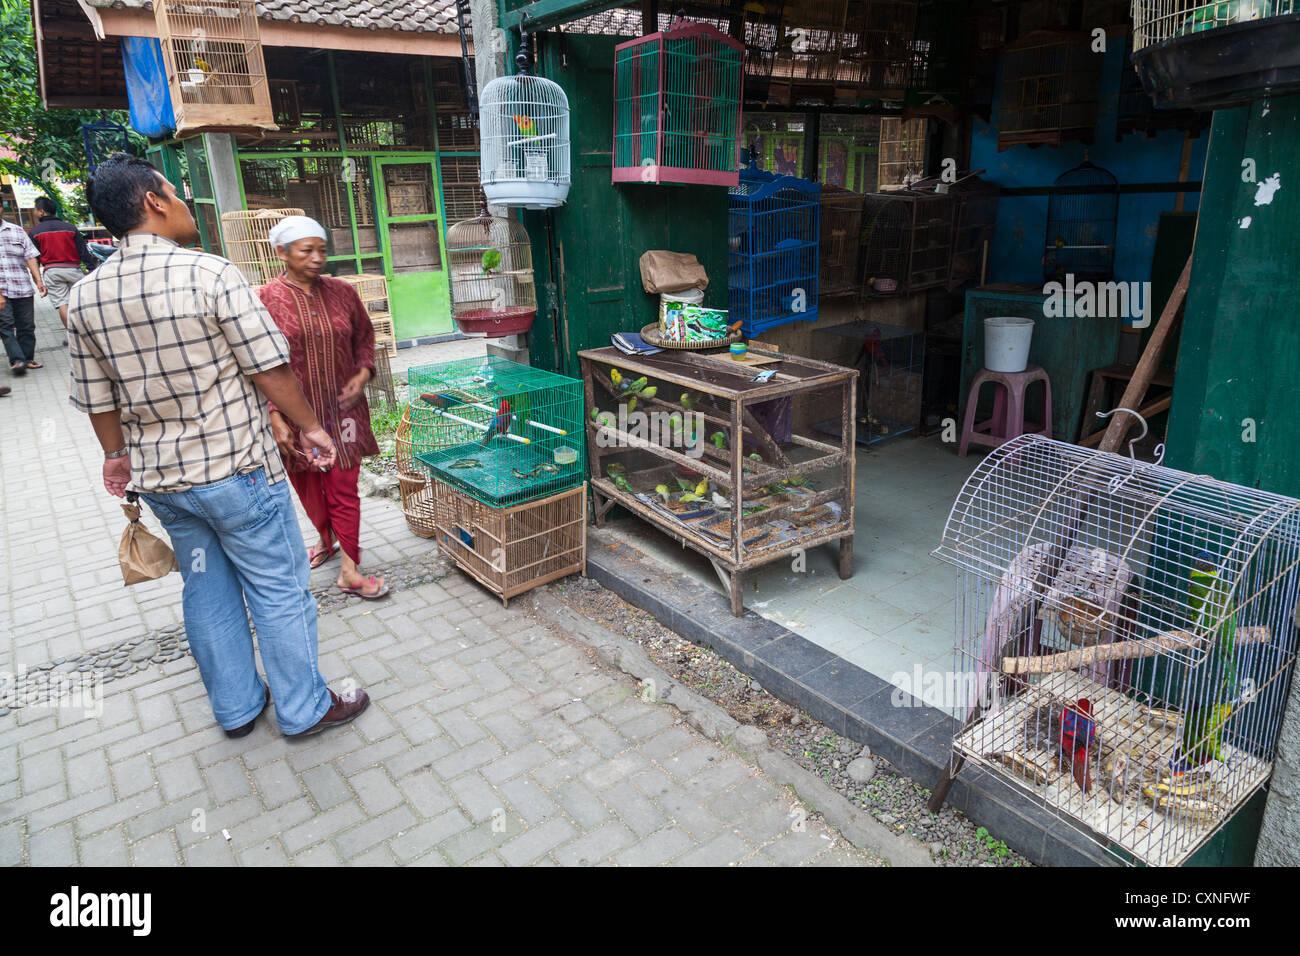 Auf dem Vogelmarkt in Yogyakarta in Indonesien Stockbild